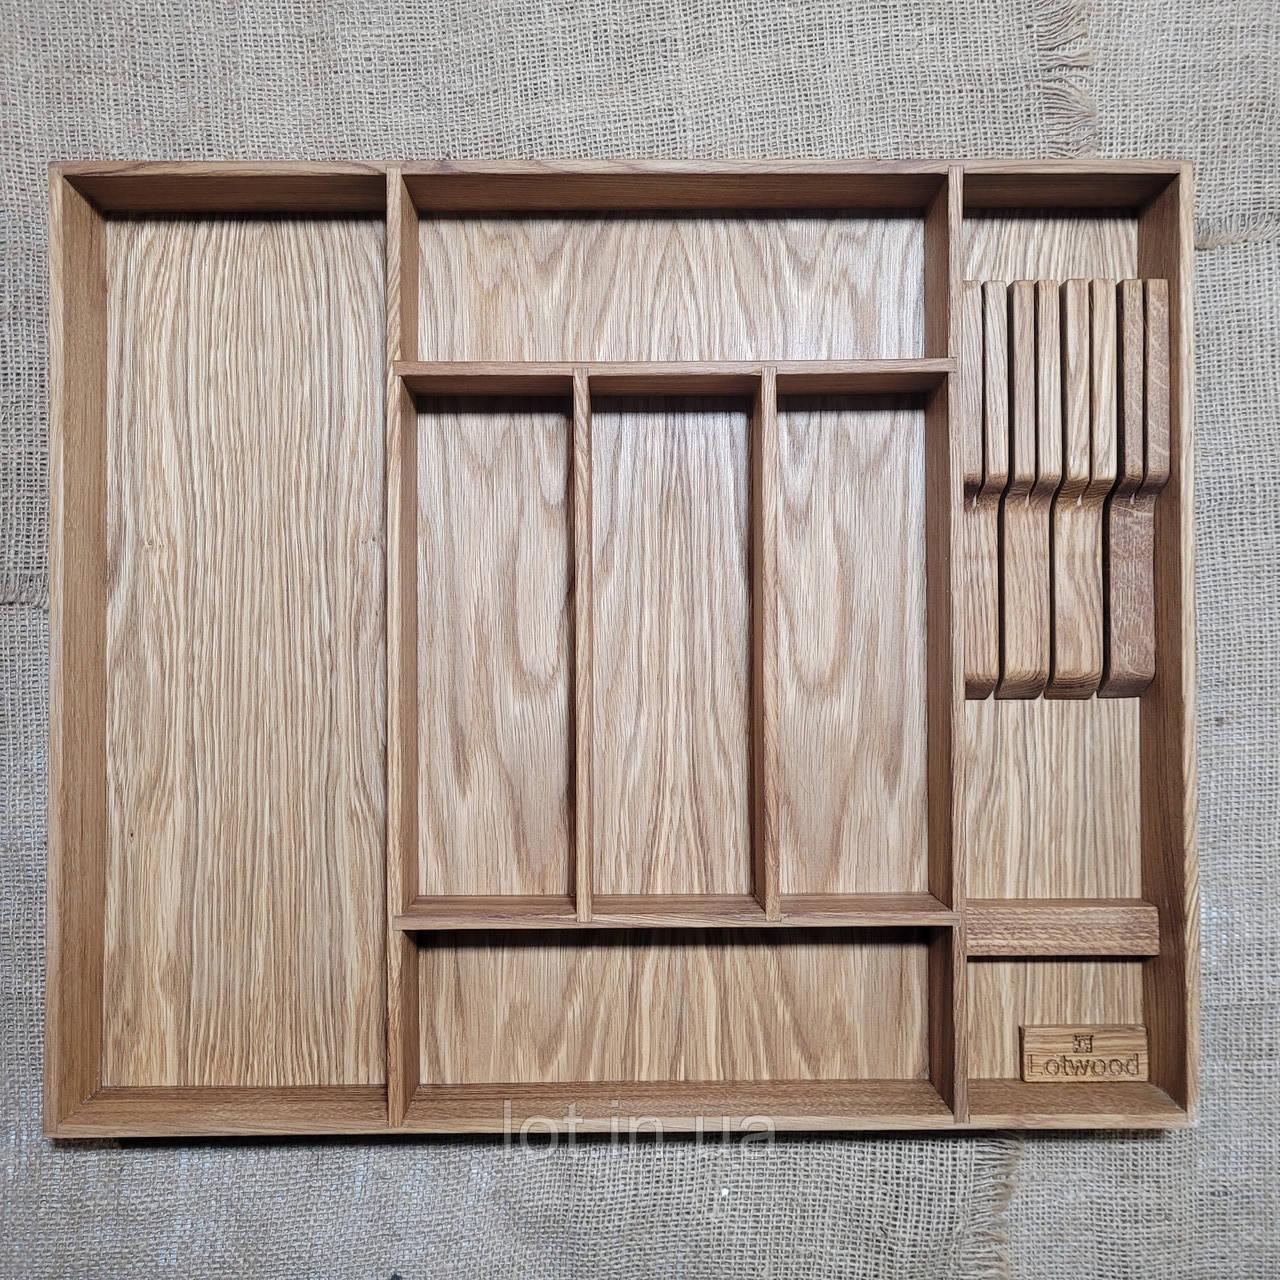 Лоток для столовых приборов от 500мм, Lot k1307. (индивидуальные размеры)